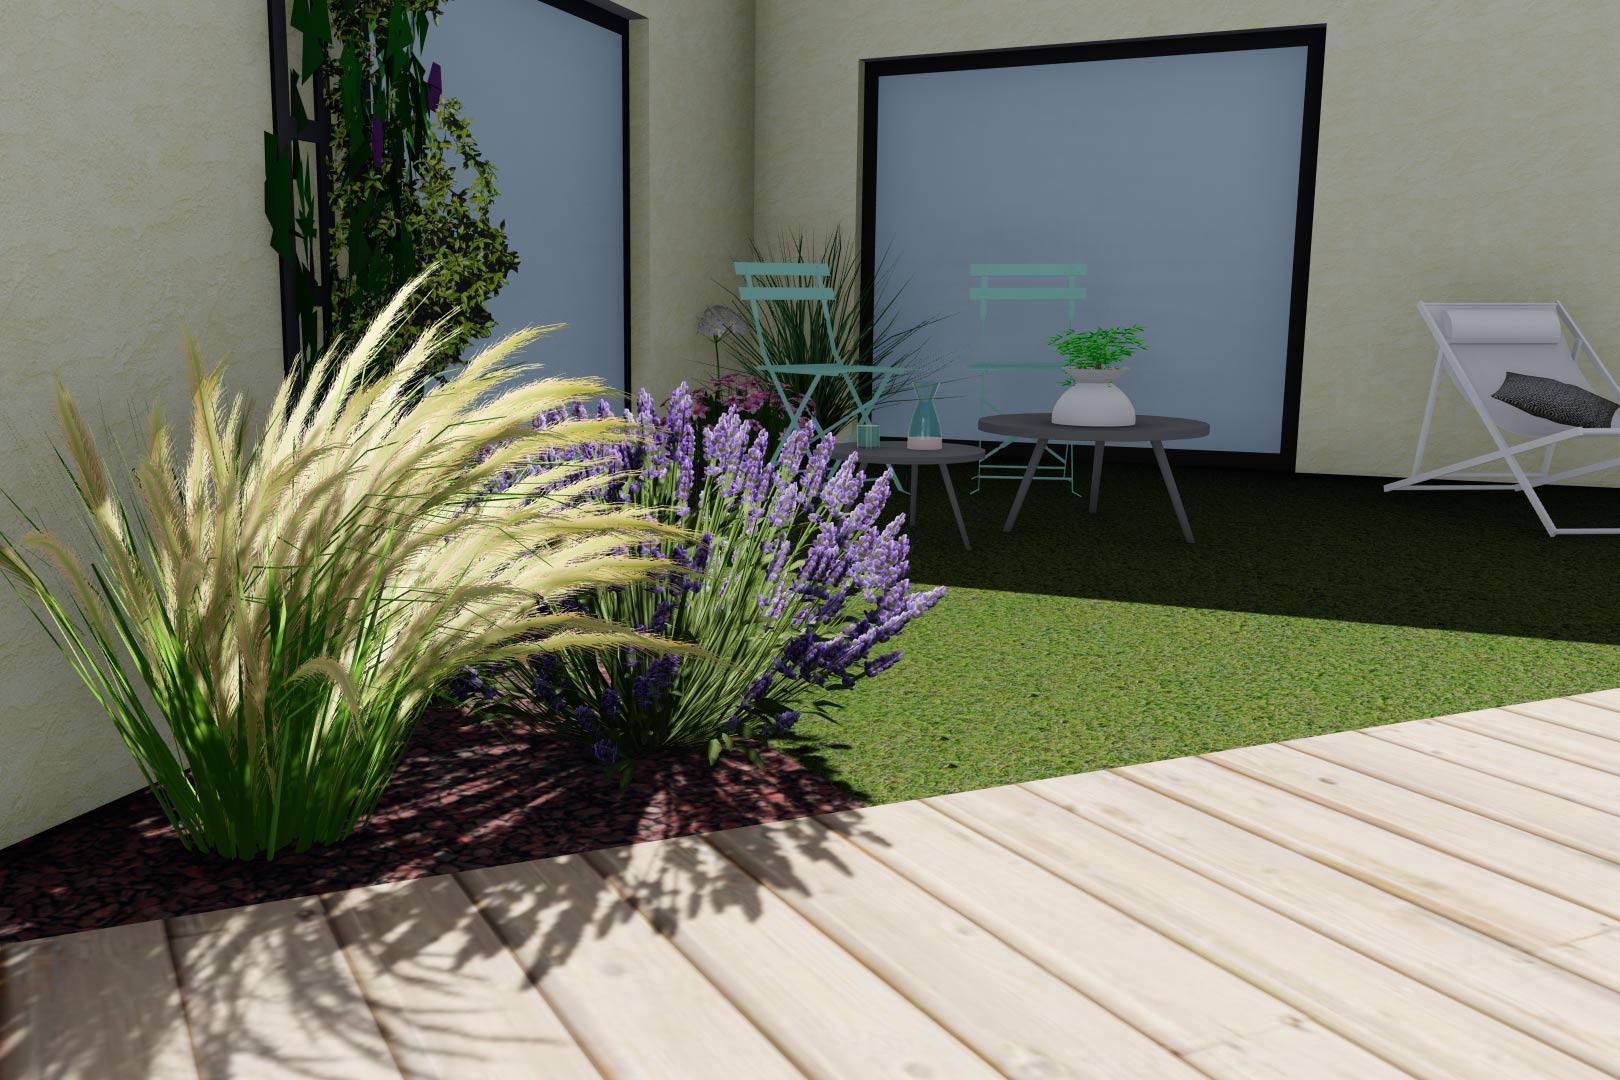 Entreprise du paysage, Serrault Jardins réalise des jardins sur-mesure dans diverses communes comme Veigné.